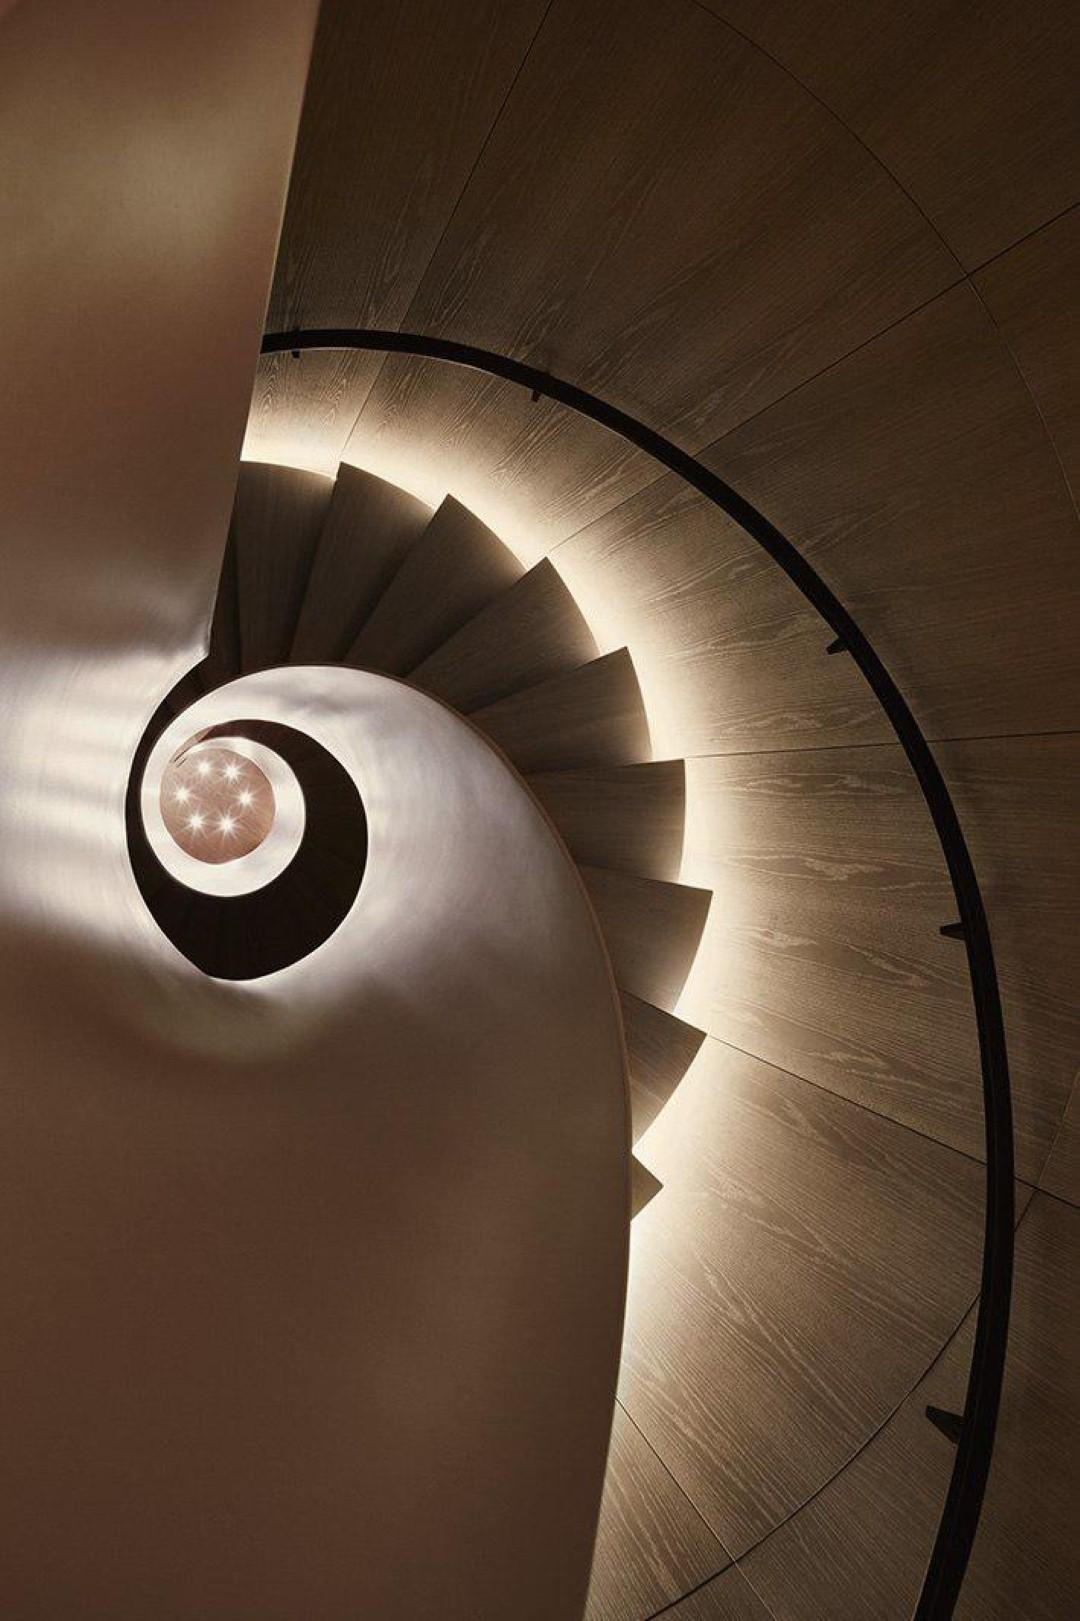 מדרגות הקונכייה, מבט מבפנים (צילום: Nikolas Koenig)